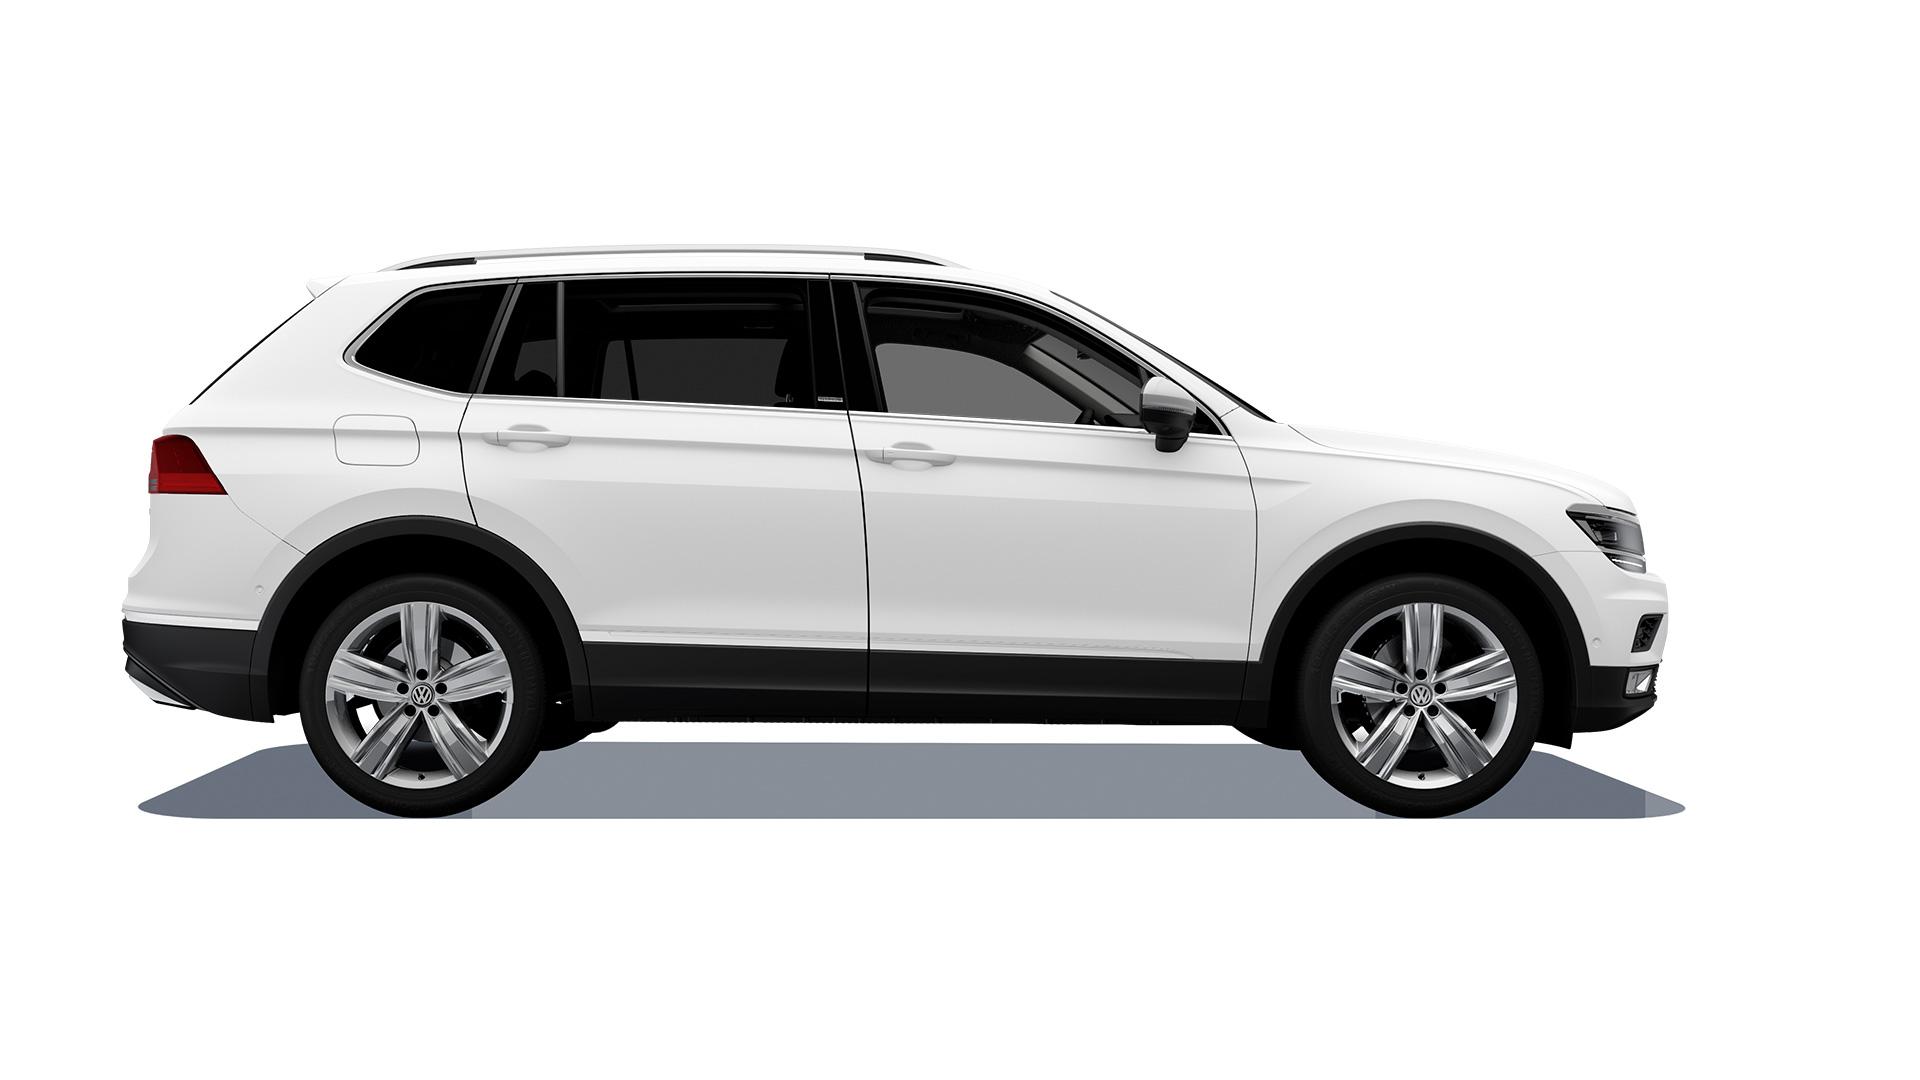 Imagen de Tiguan 2020, camioneta familiar de VW calificada como segura